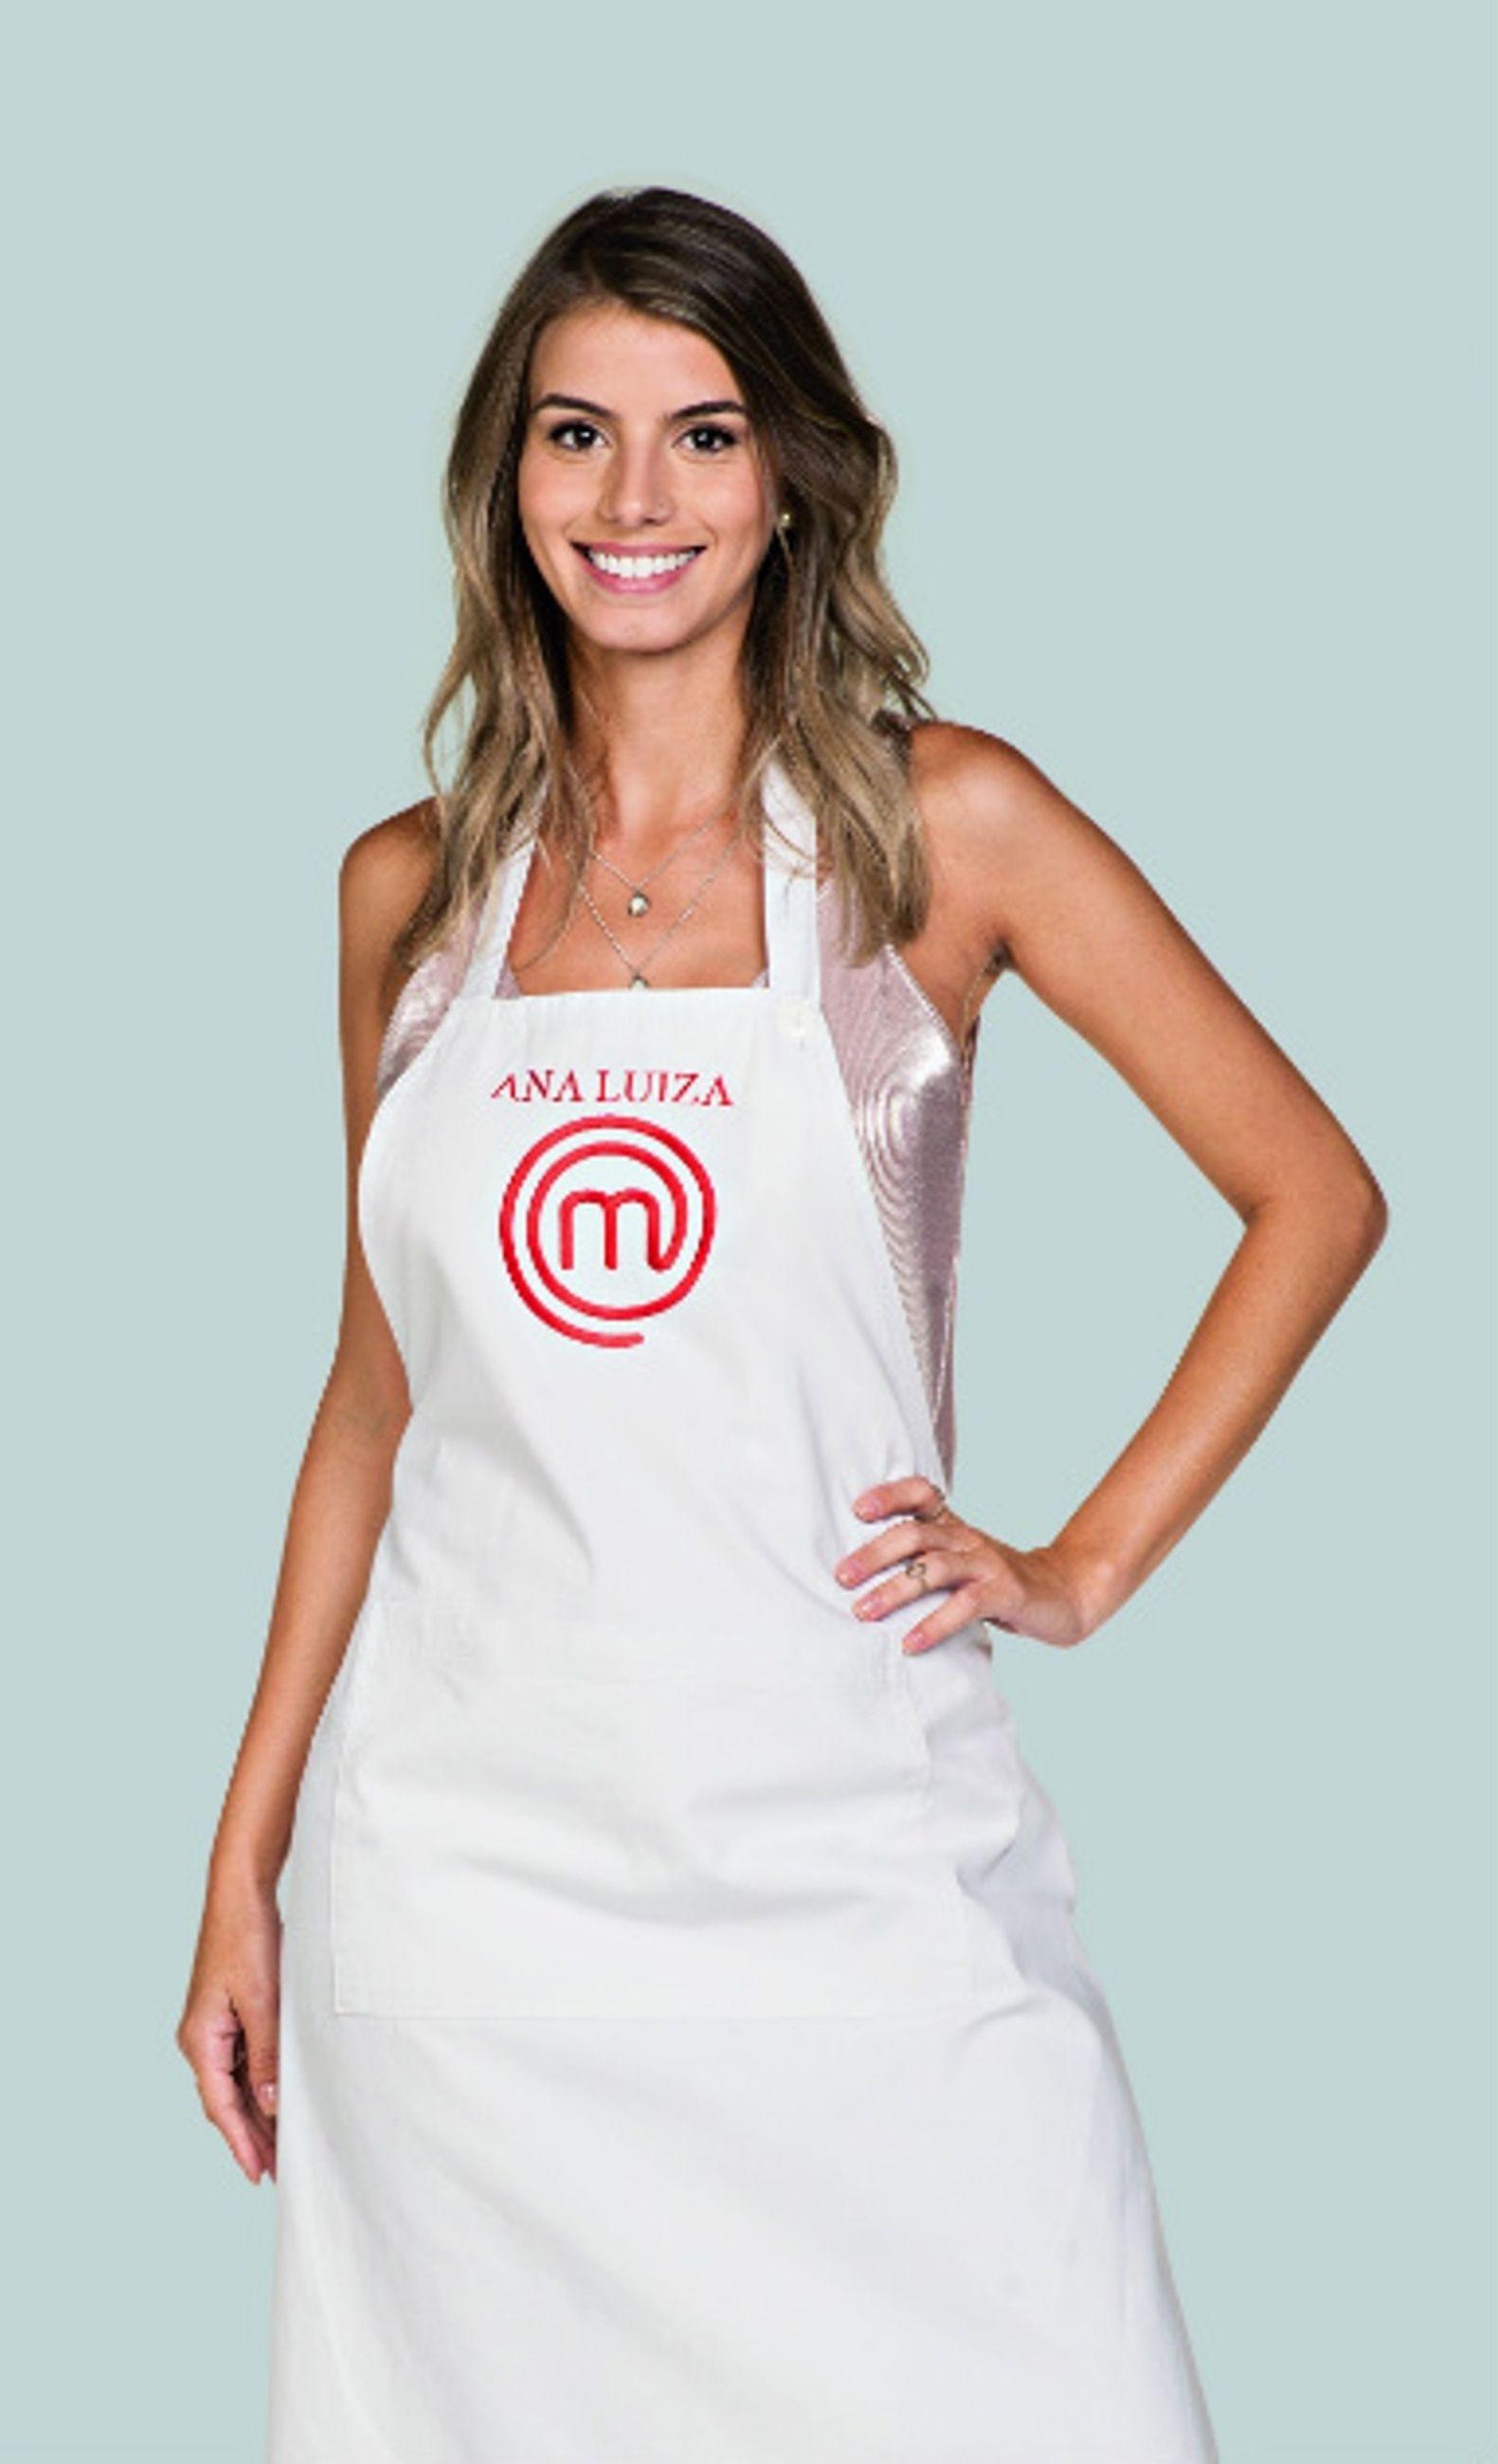 Ana Luiza Teixeira participante do Masterchef cozinha em